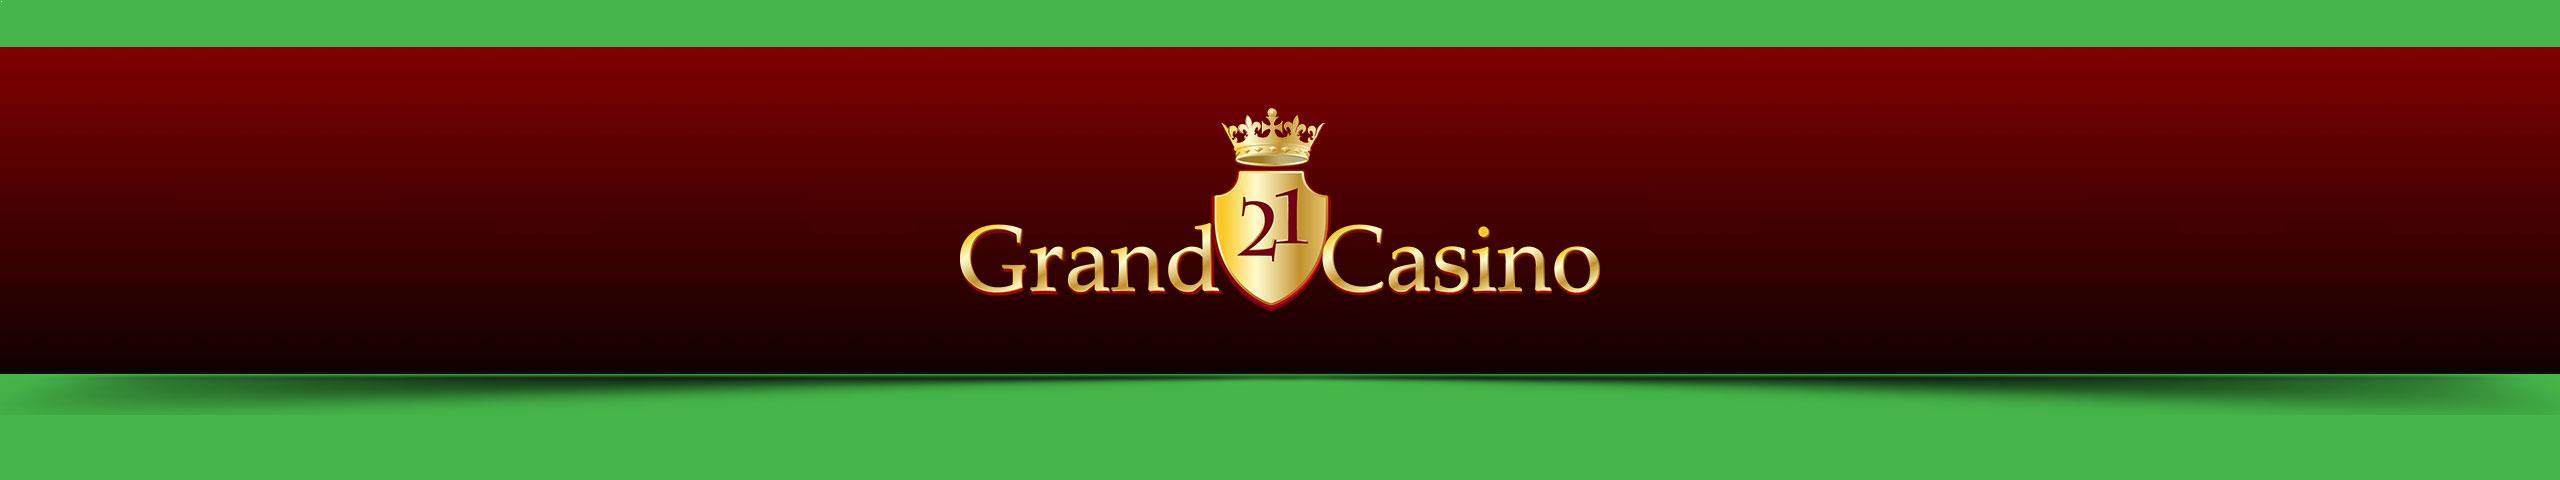 21Grand Casino Vizualizarea Casino-ului Multa Bafta Thumbnail